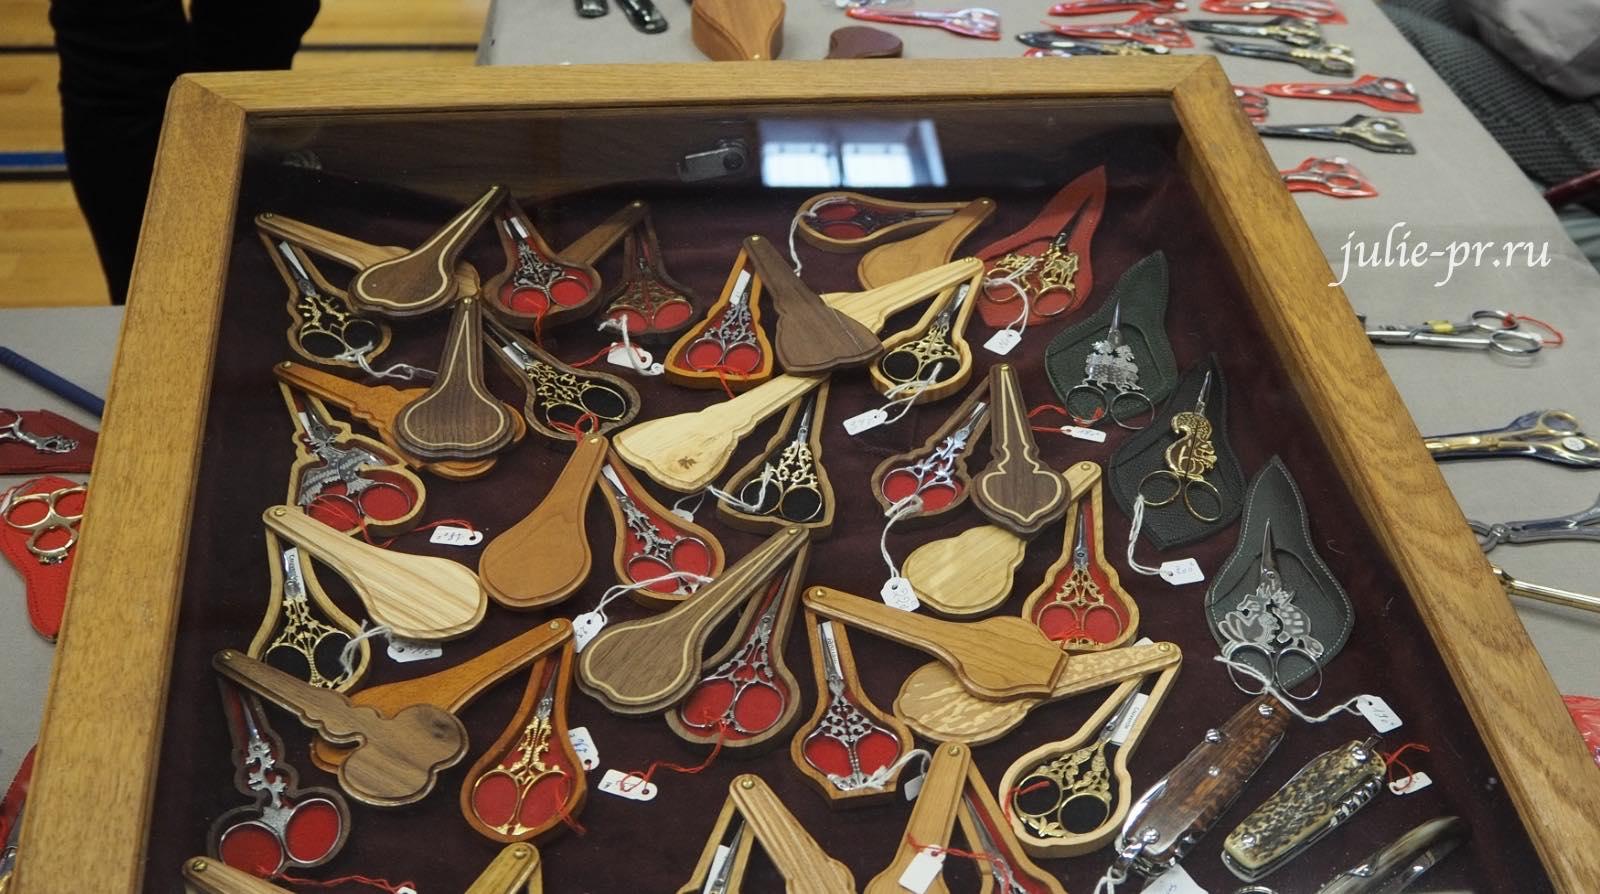 Ножницы в деревянных чехлах, Création autour du fil